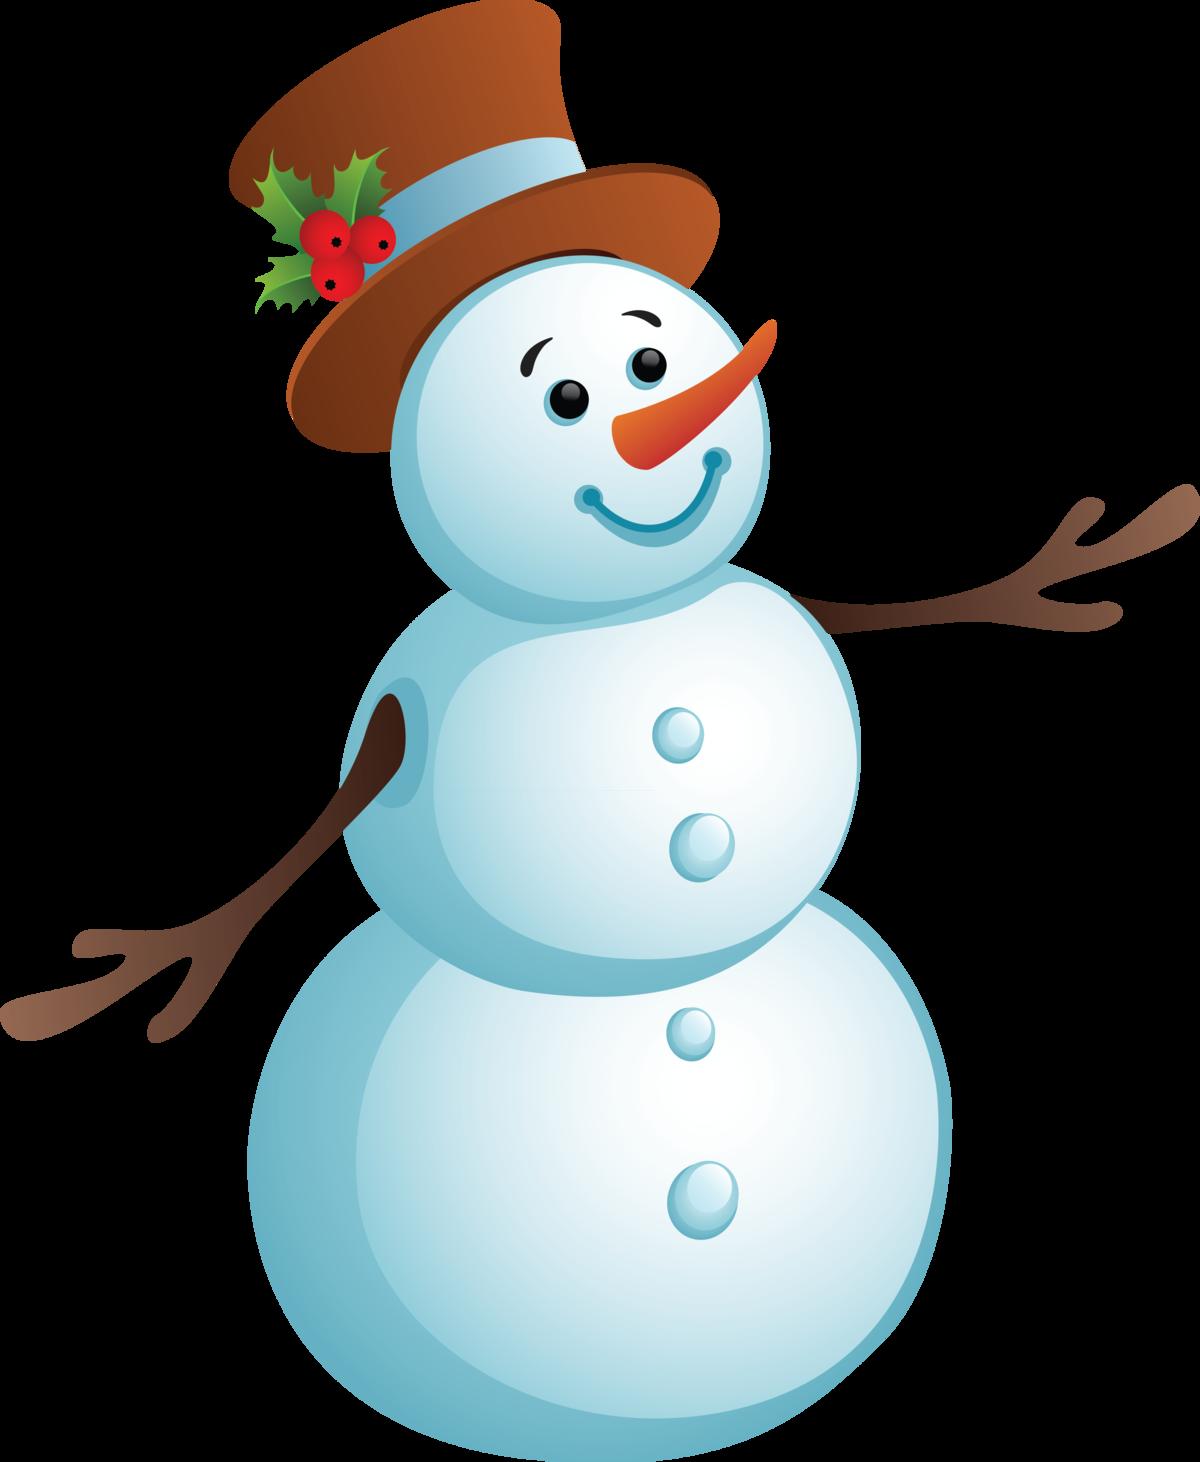 упражнений, маленькие снеговики картинки фото